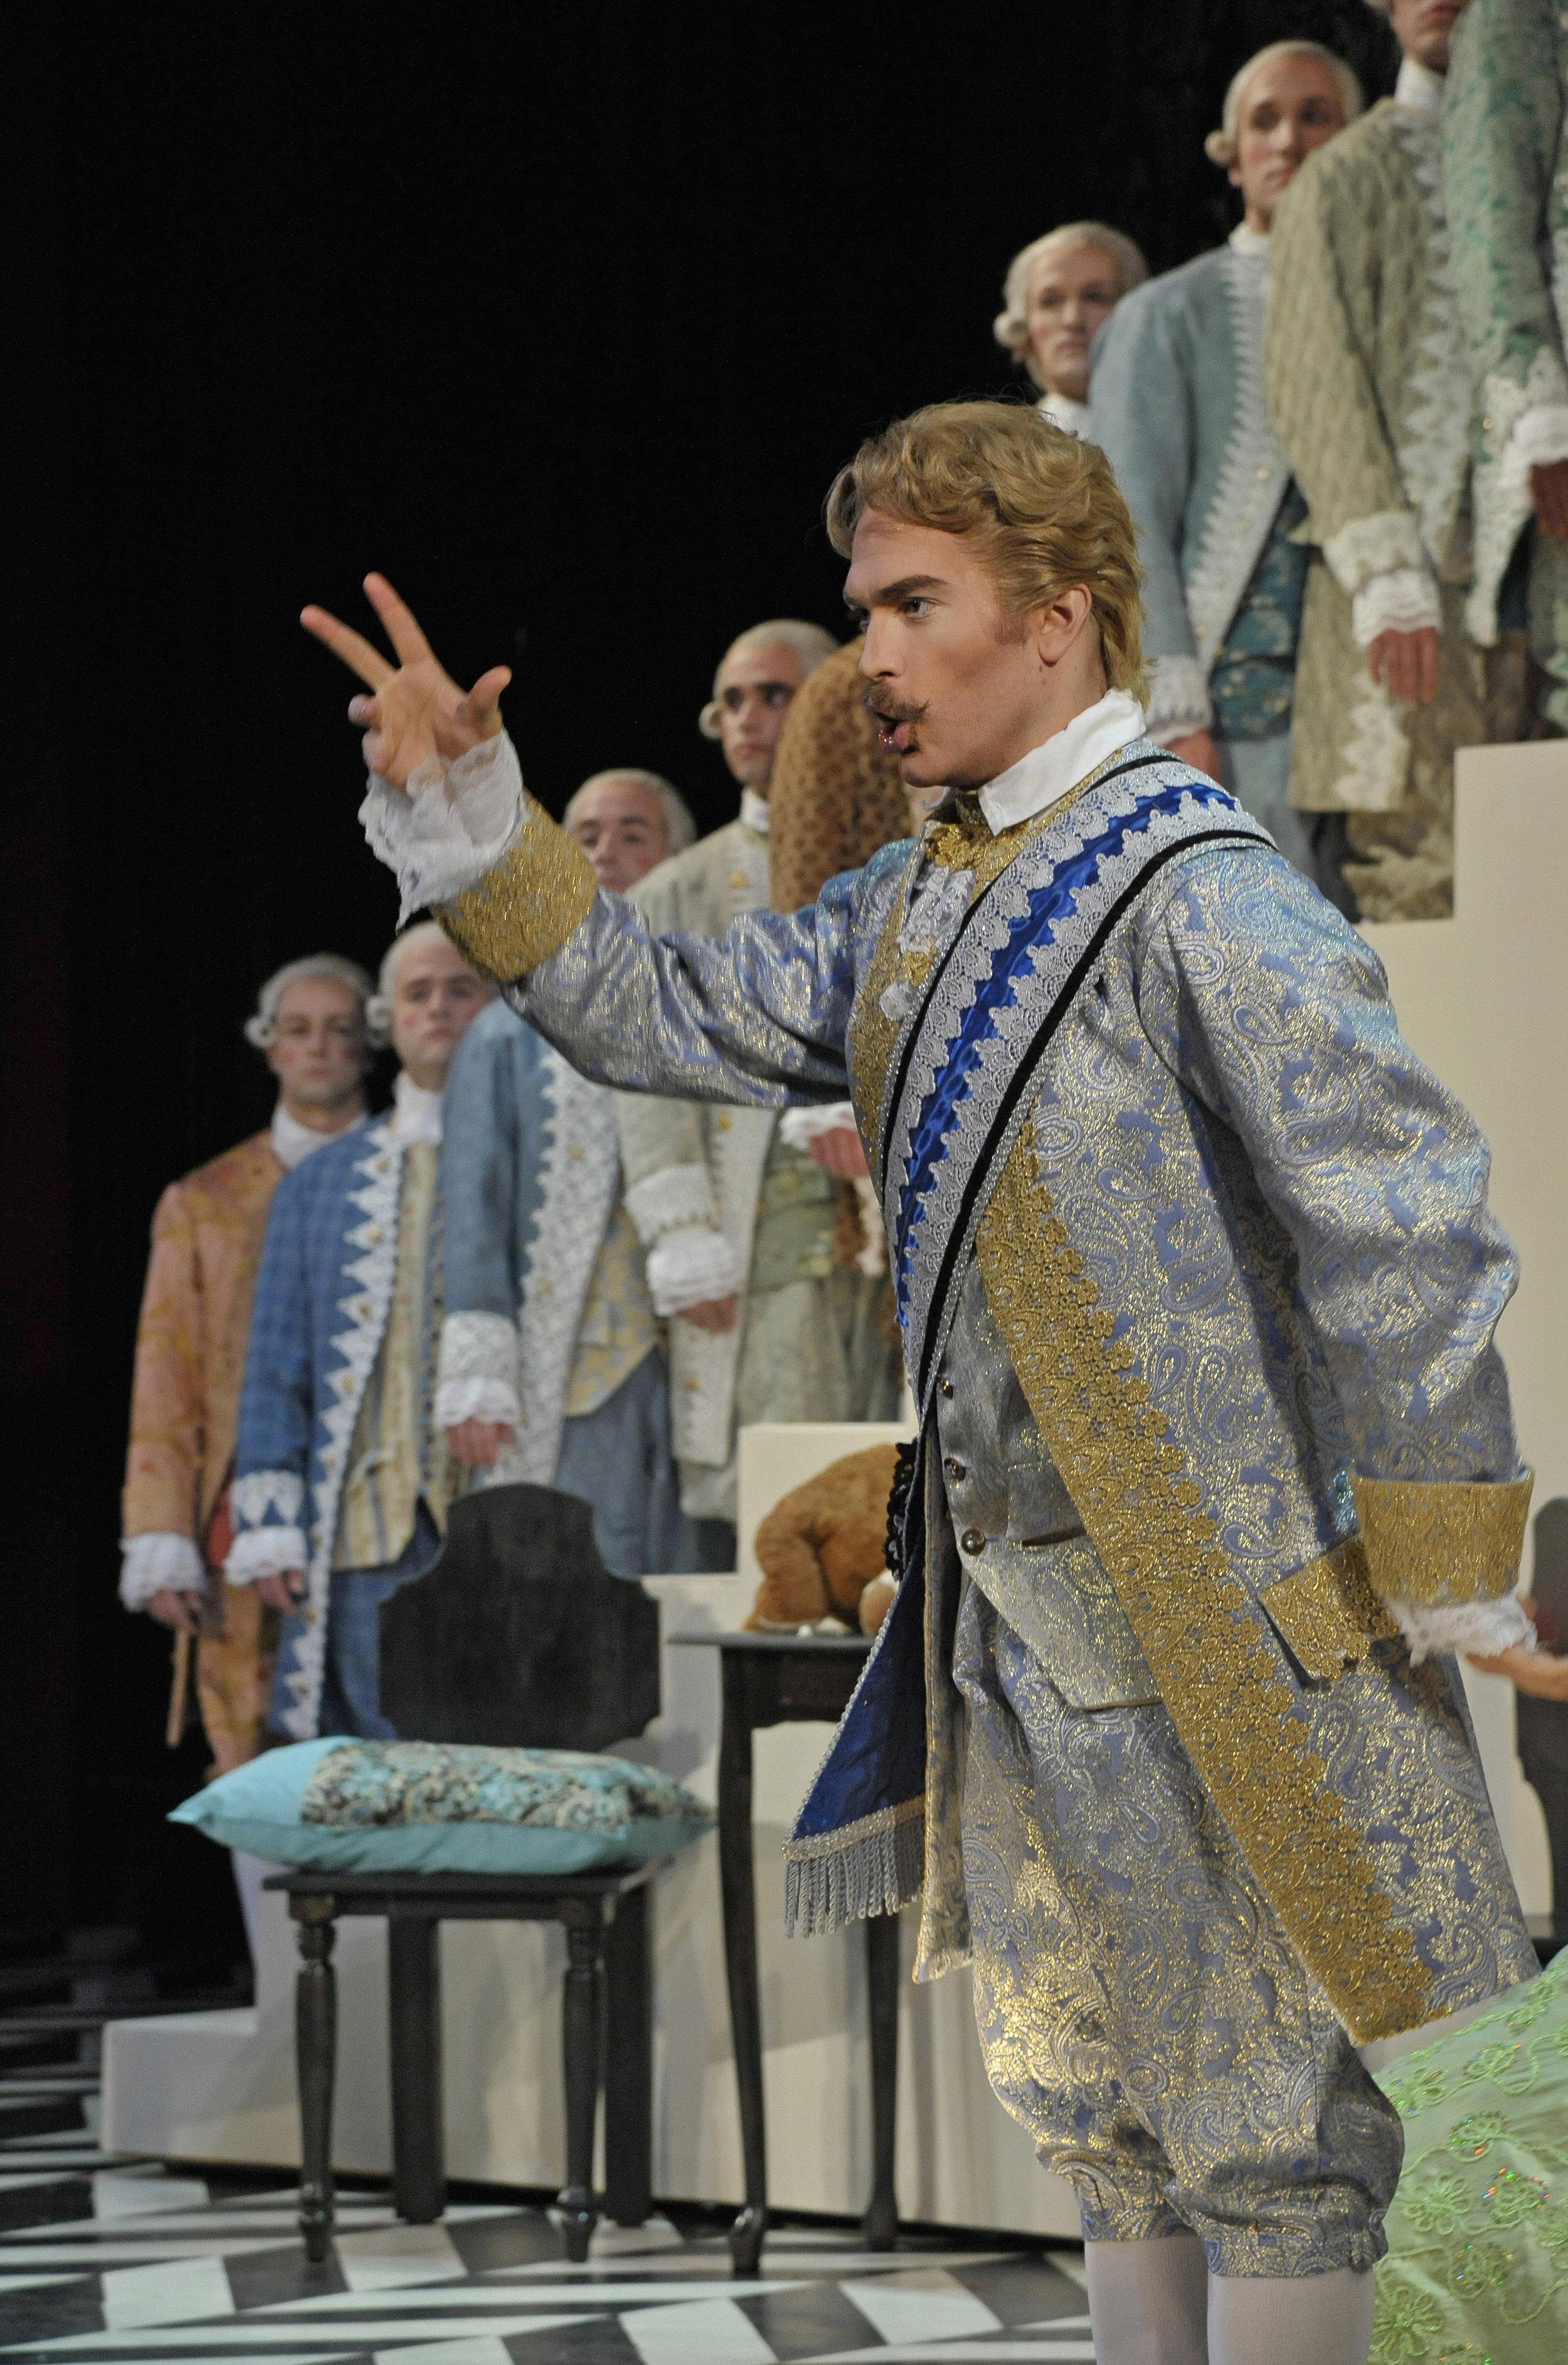 Opera_Saratoga_GG27660.jpg